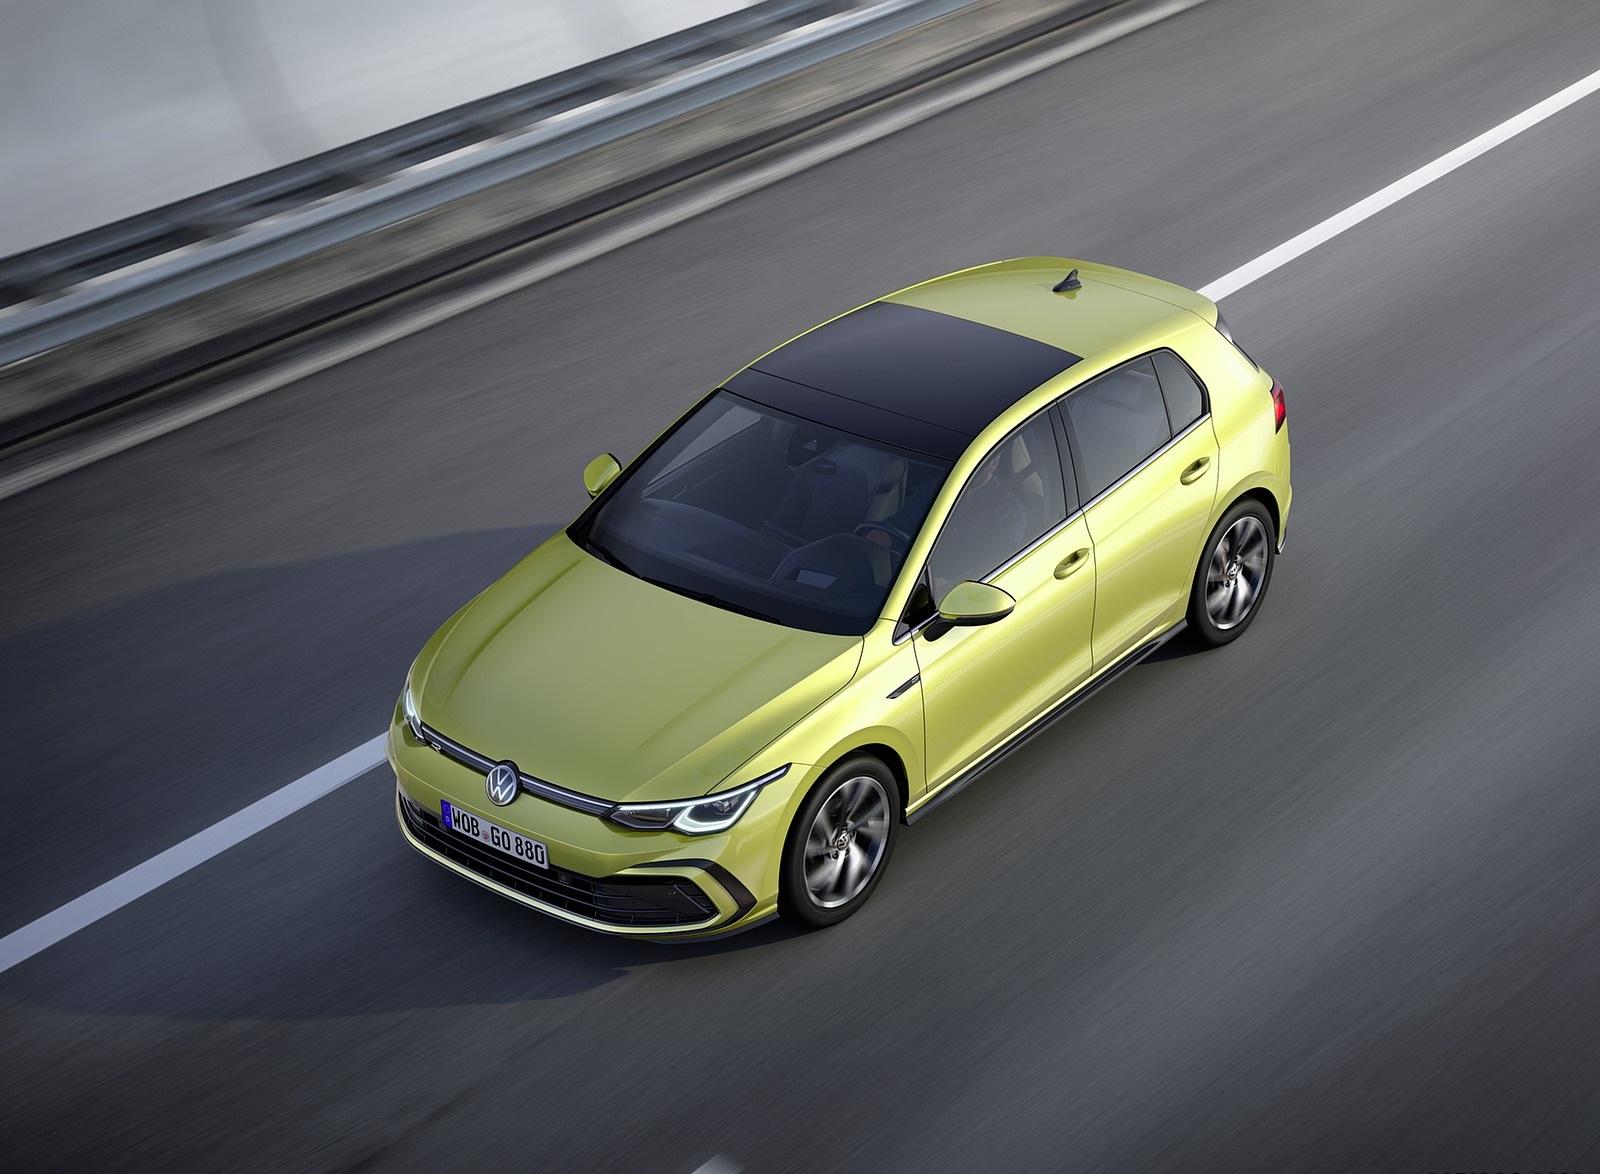 2020 Volkswagen Golf Mk8 Top Wallpapers (7)